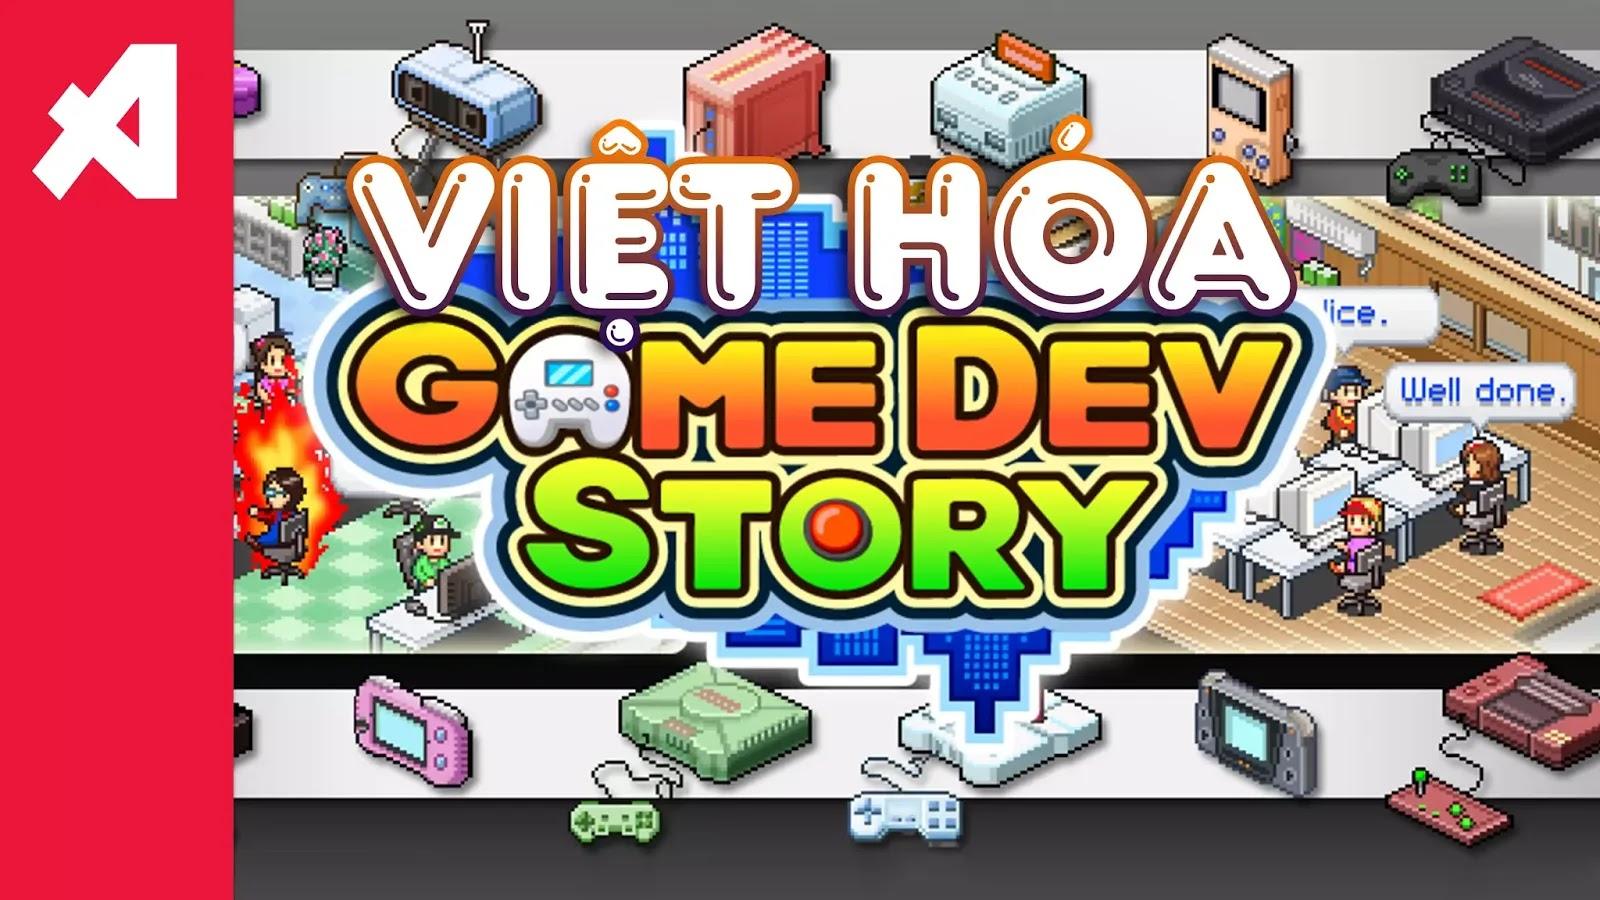 https://1.bp.blogspot.com/-r2ZywwKoHBg/XTdXqM6SxPI/AAAAAAAAokA/HA81M-jsyacbW9-ksgFheiKzI6P4RIjFQCLcBGAs/s1600/game-dev-story-android-viet-hoa-aowvn%2B%25284%2529.webp